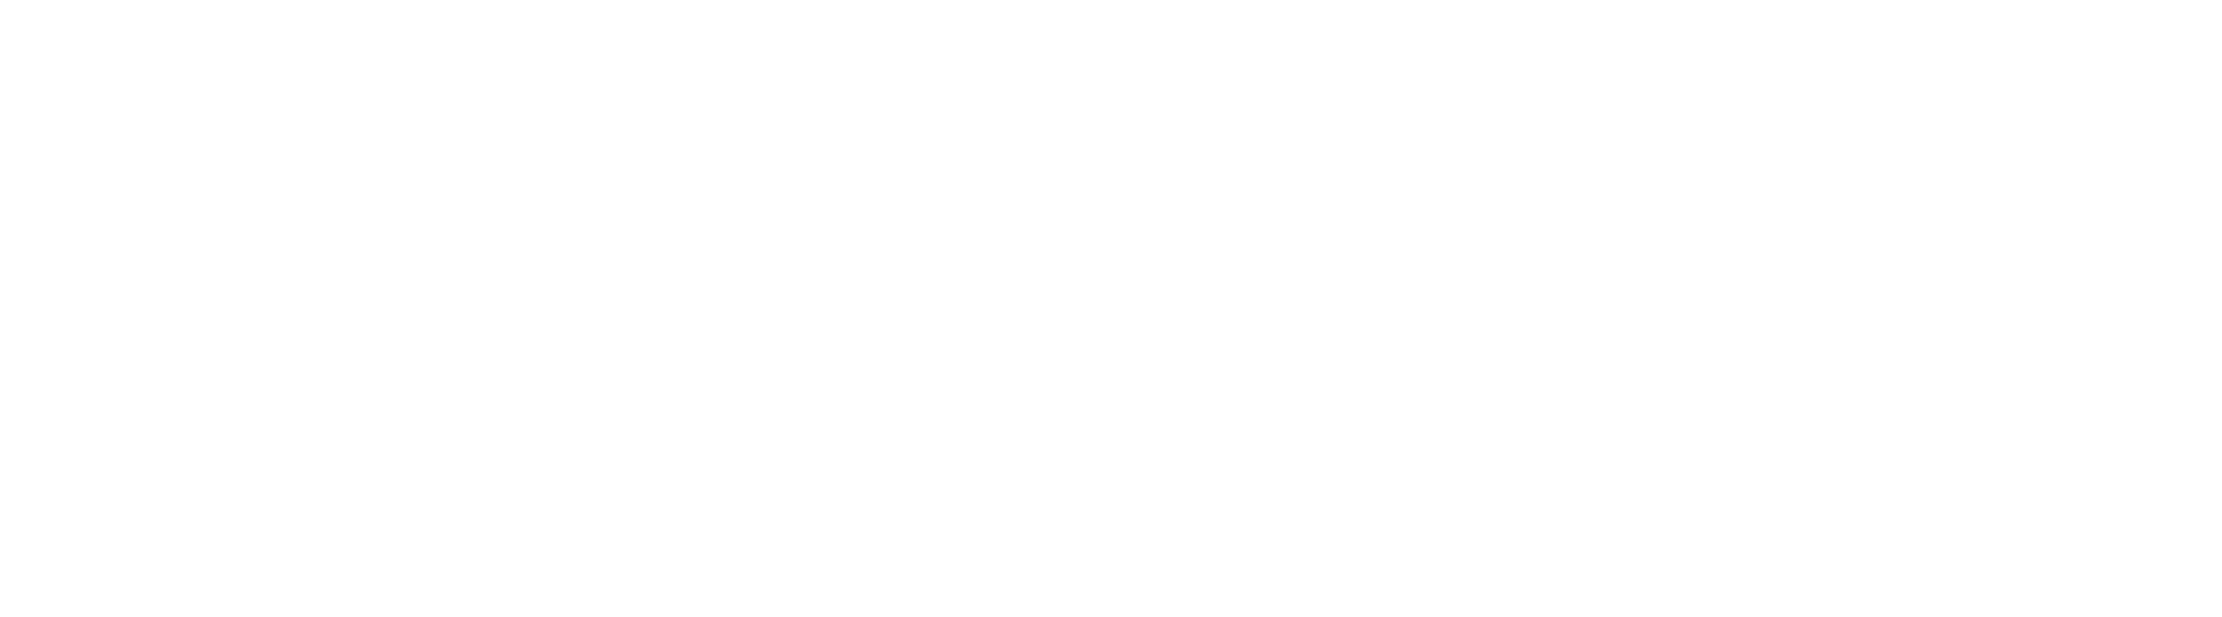 logo cen elcano blanco escuela náutica en madrid png